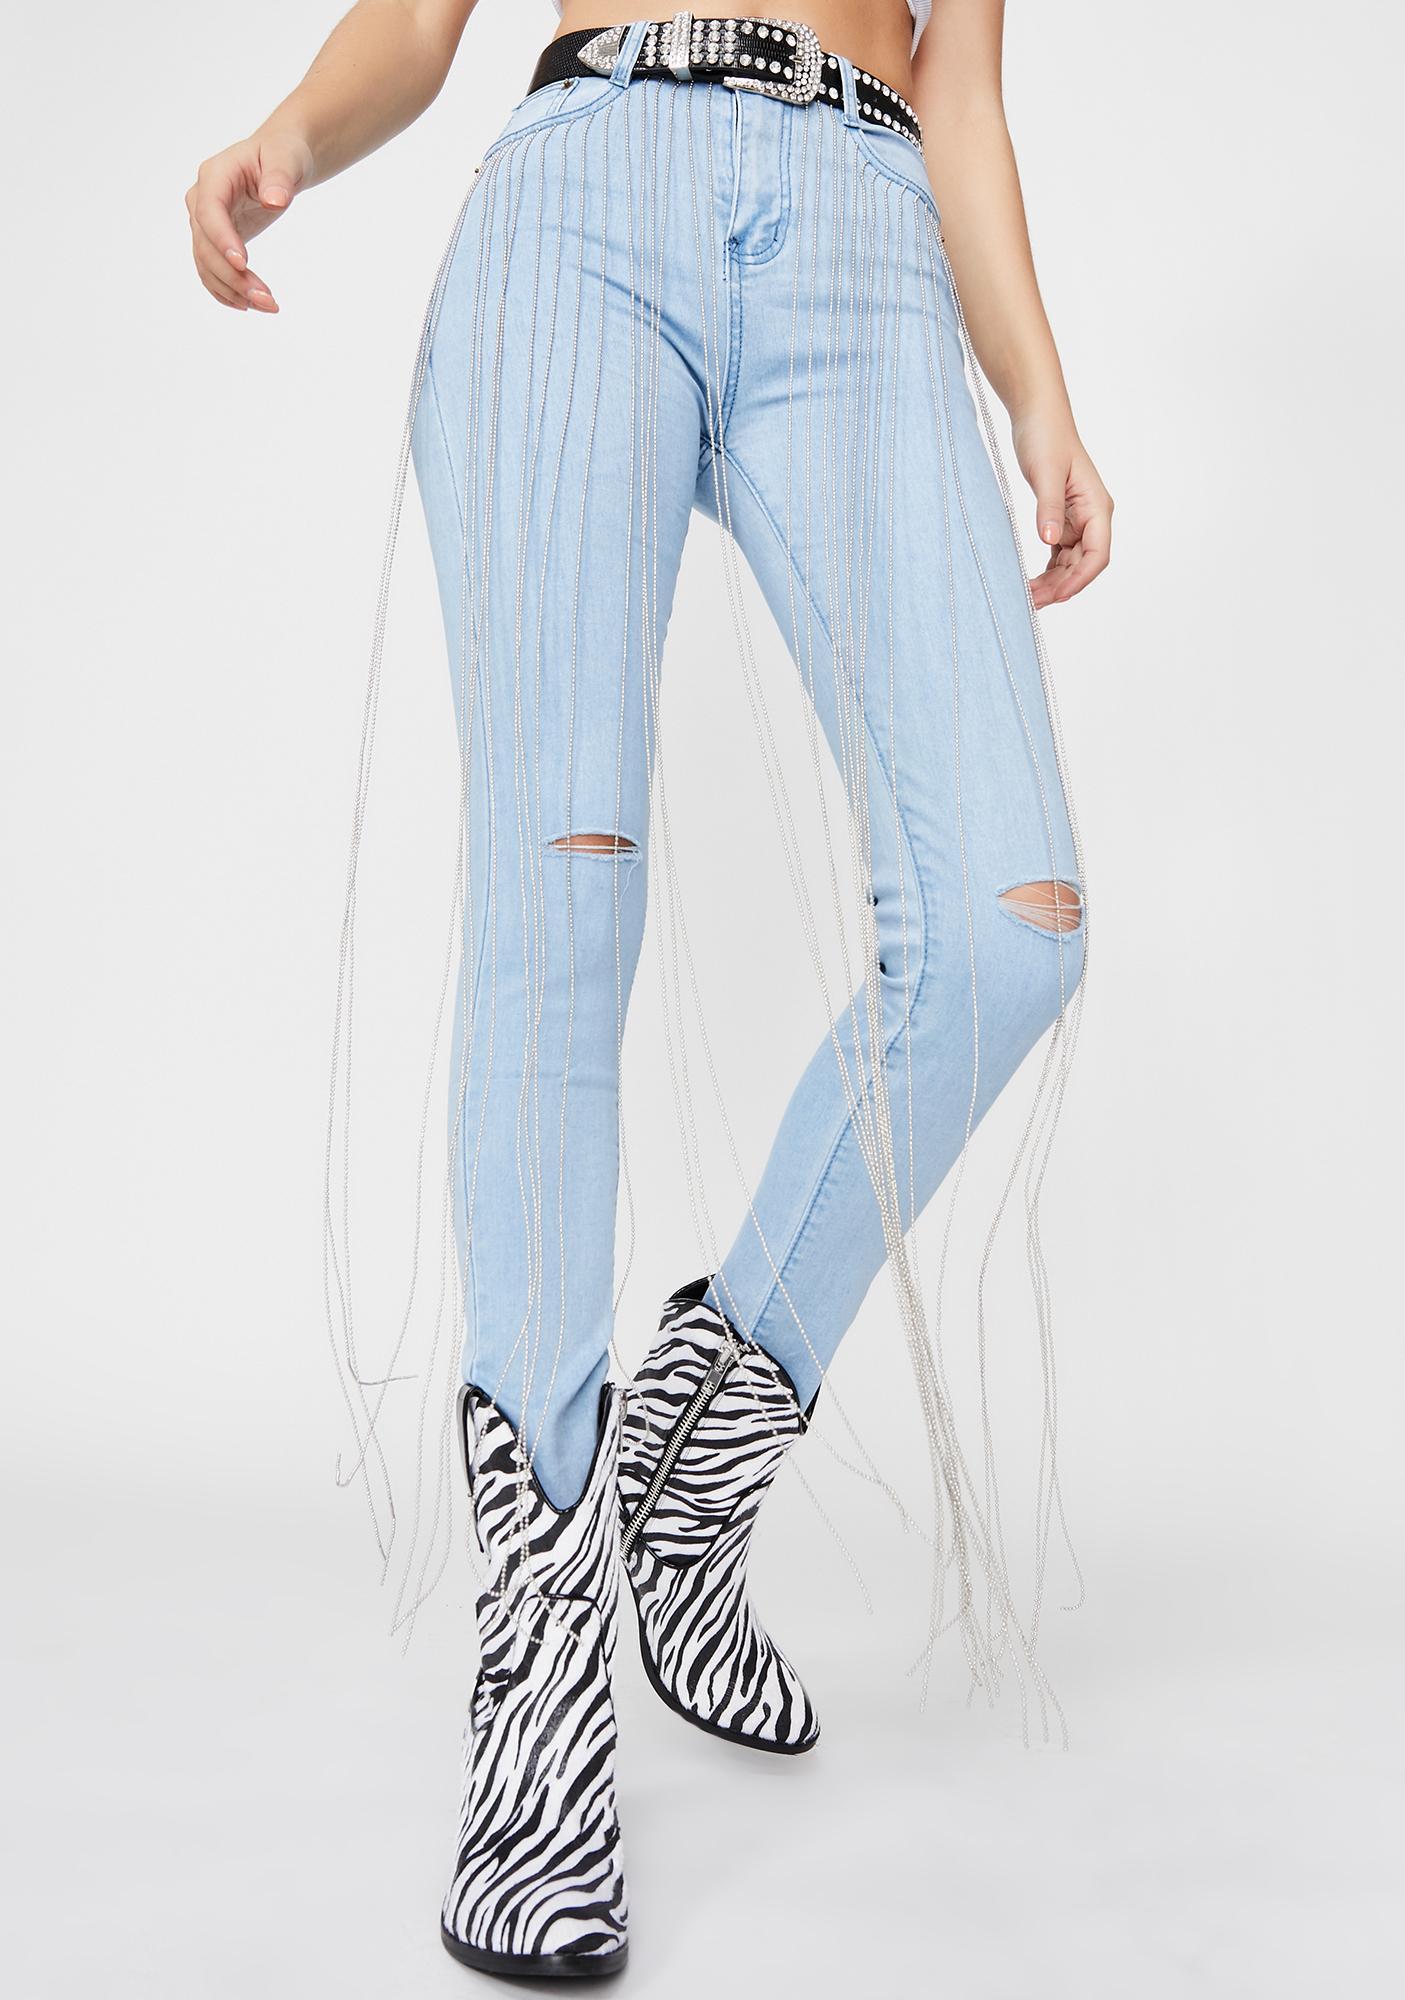 Fallin For Ya Rhinestone Fringe Jeans